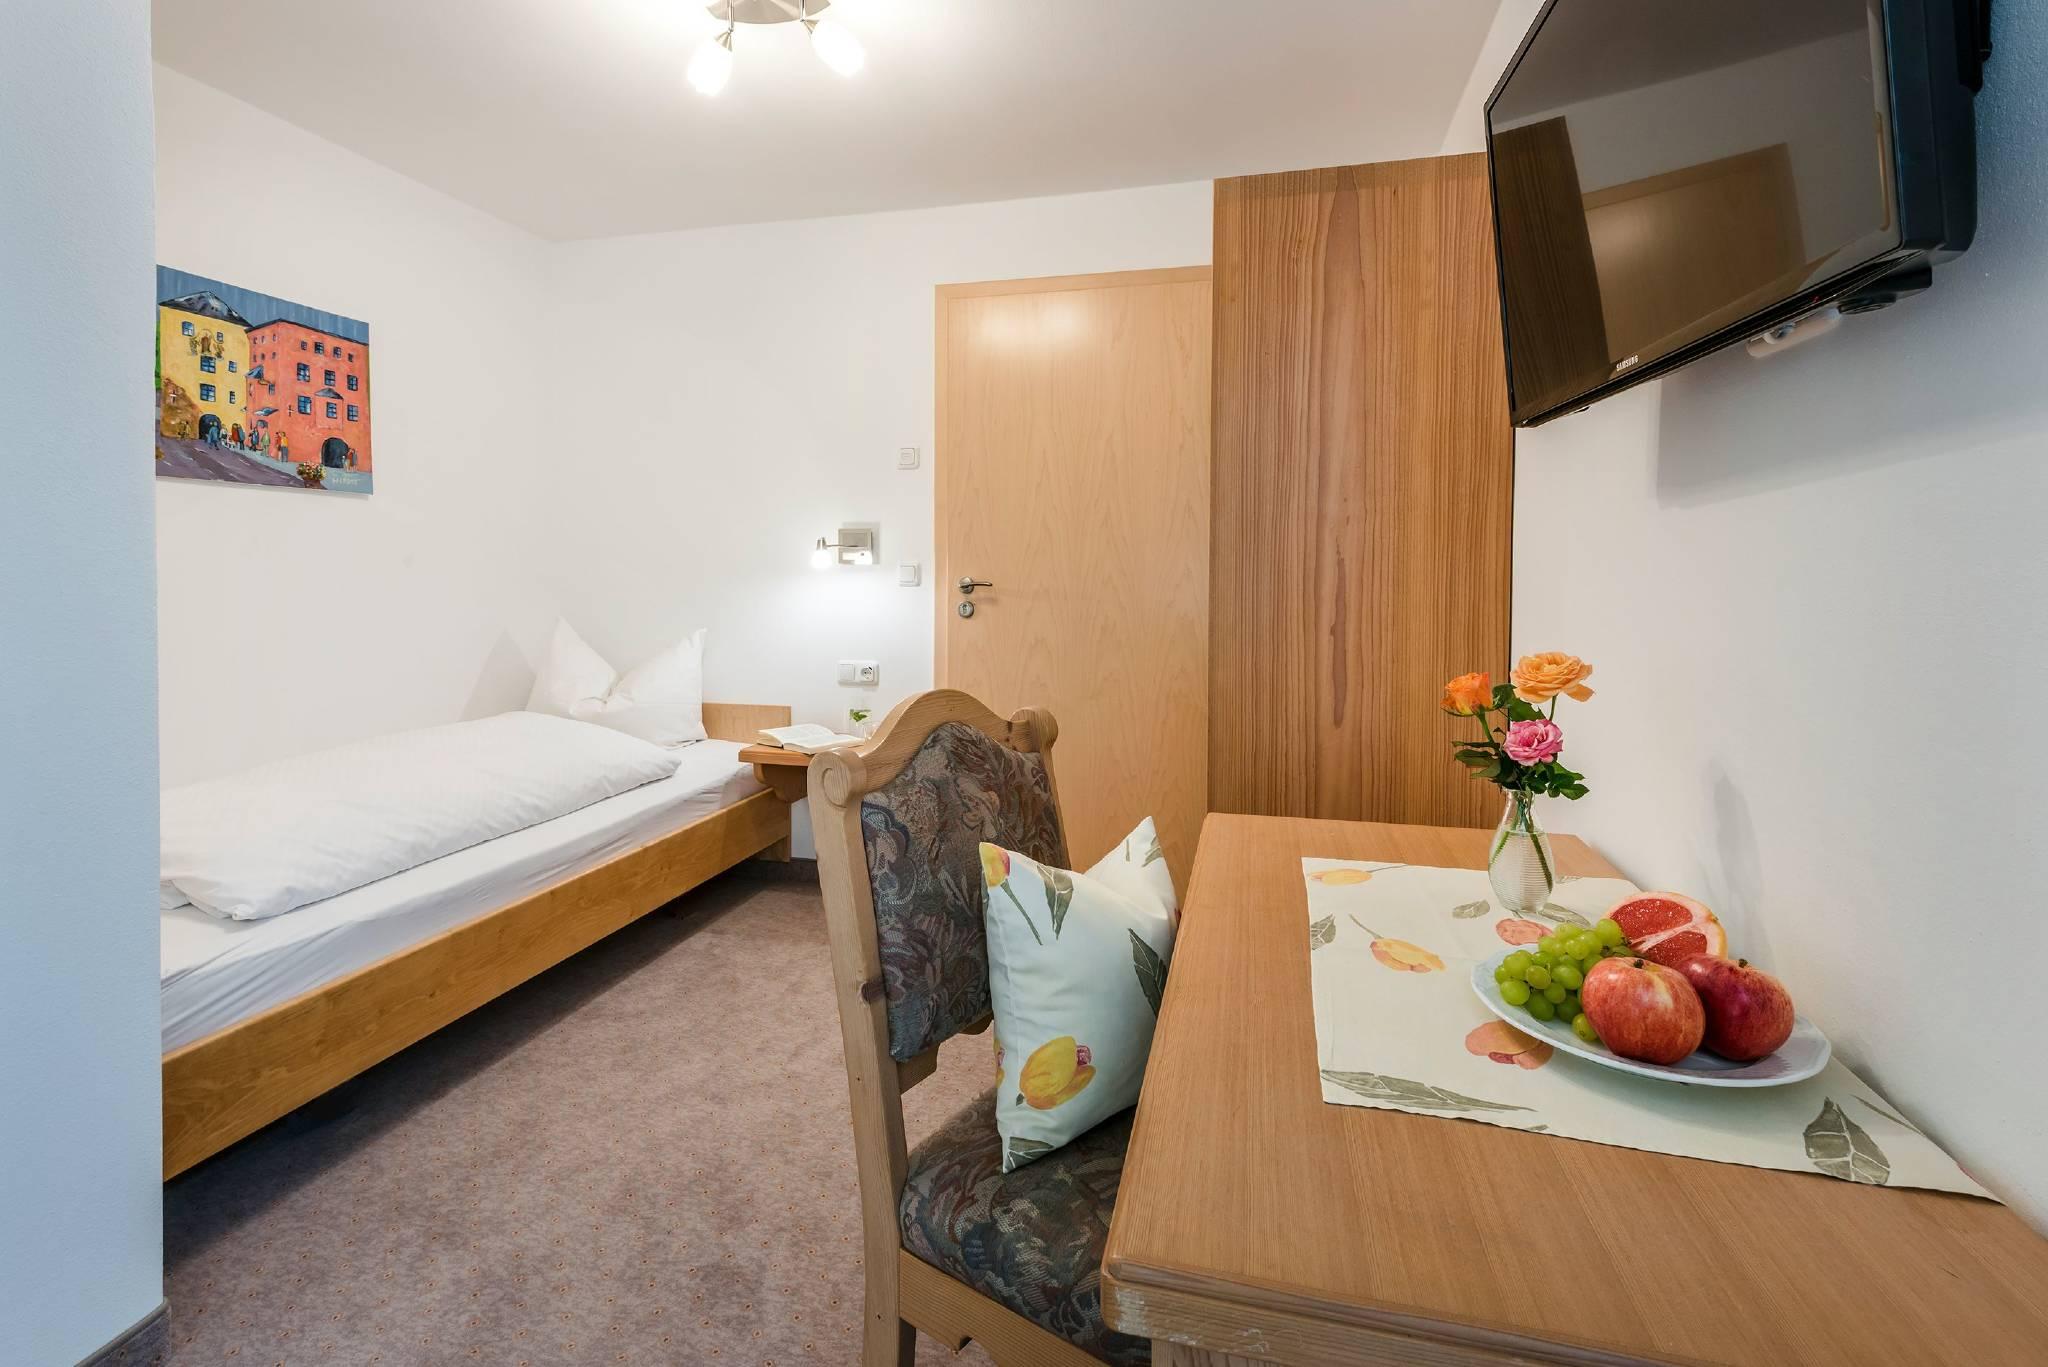 ferienwohnungen am see in waging am see bayern hubert stachl. Black Bedroom Furniture Sets. Home Design Ideas